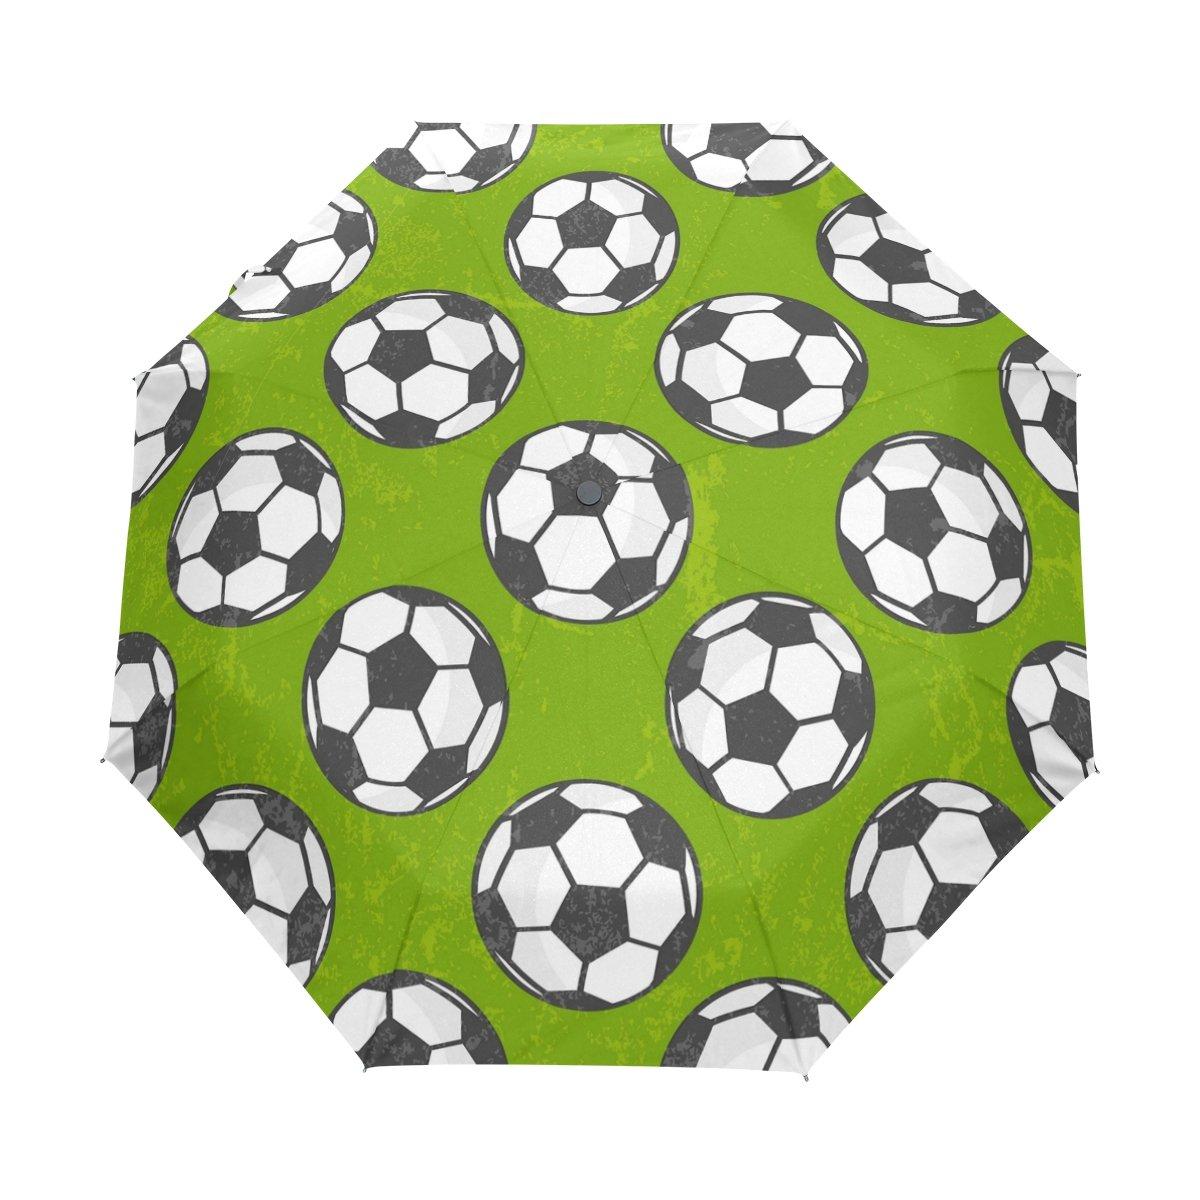 wxlife自動折り畳み傘スポーツサッカーボールグリーンAuto Openコンパクトポータブルトラベル傘ガールズボーイズレディース   B07DRGNGGT